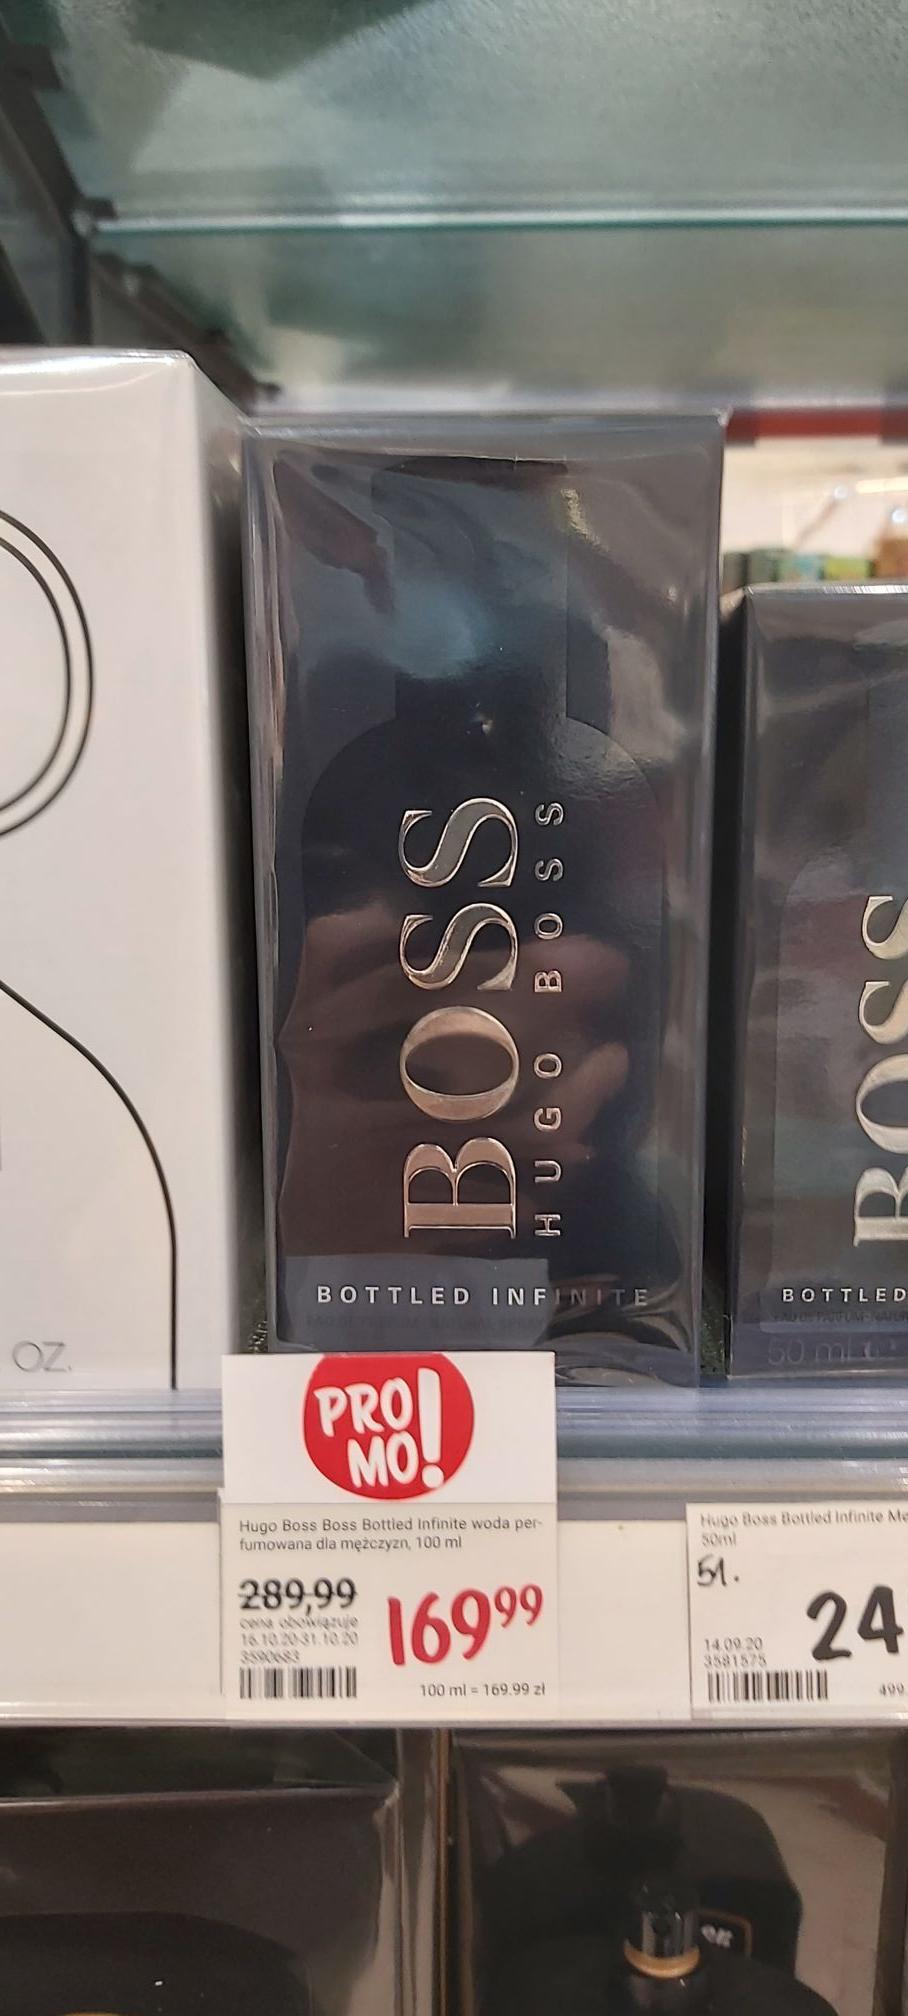 Hugo Boss Infinite Rossmann